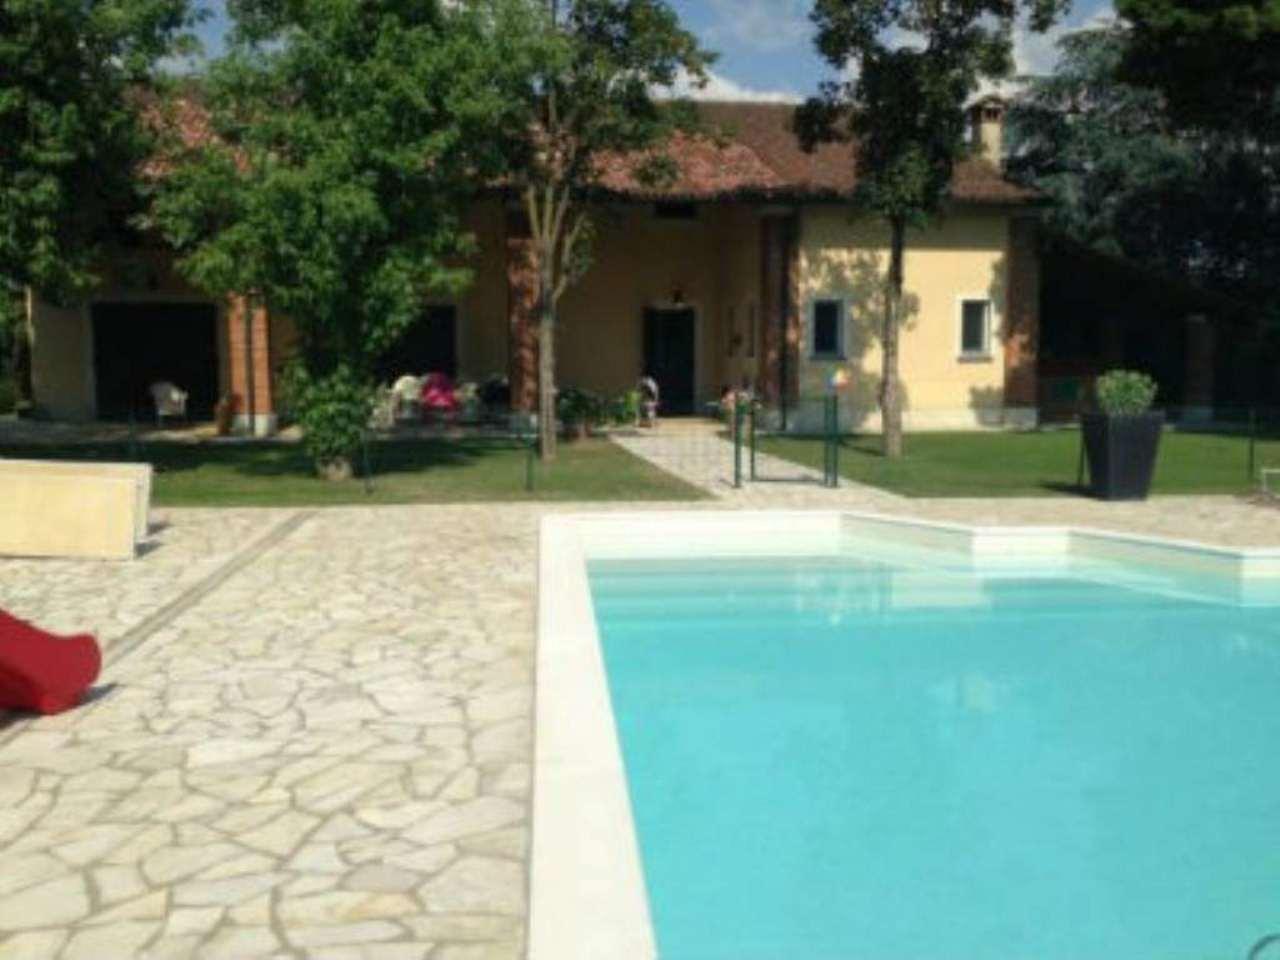 Rustico / Casale in vendita a San Donato Milanese, 9999 locali, Trattative riservate | Cambio Casa.it